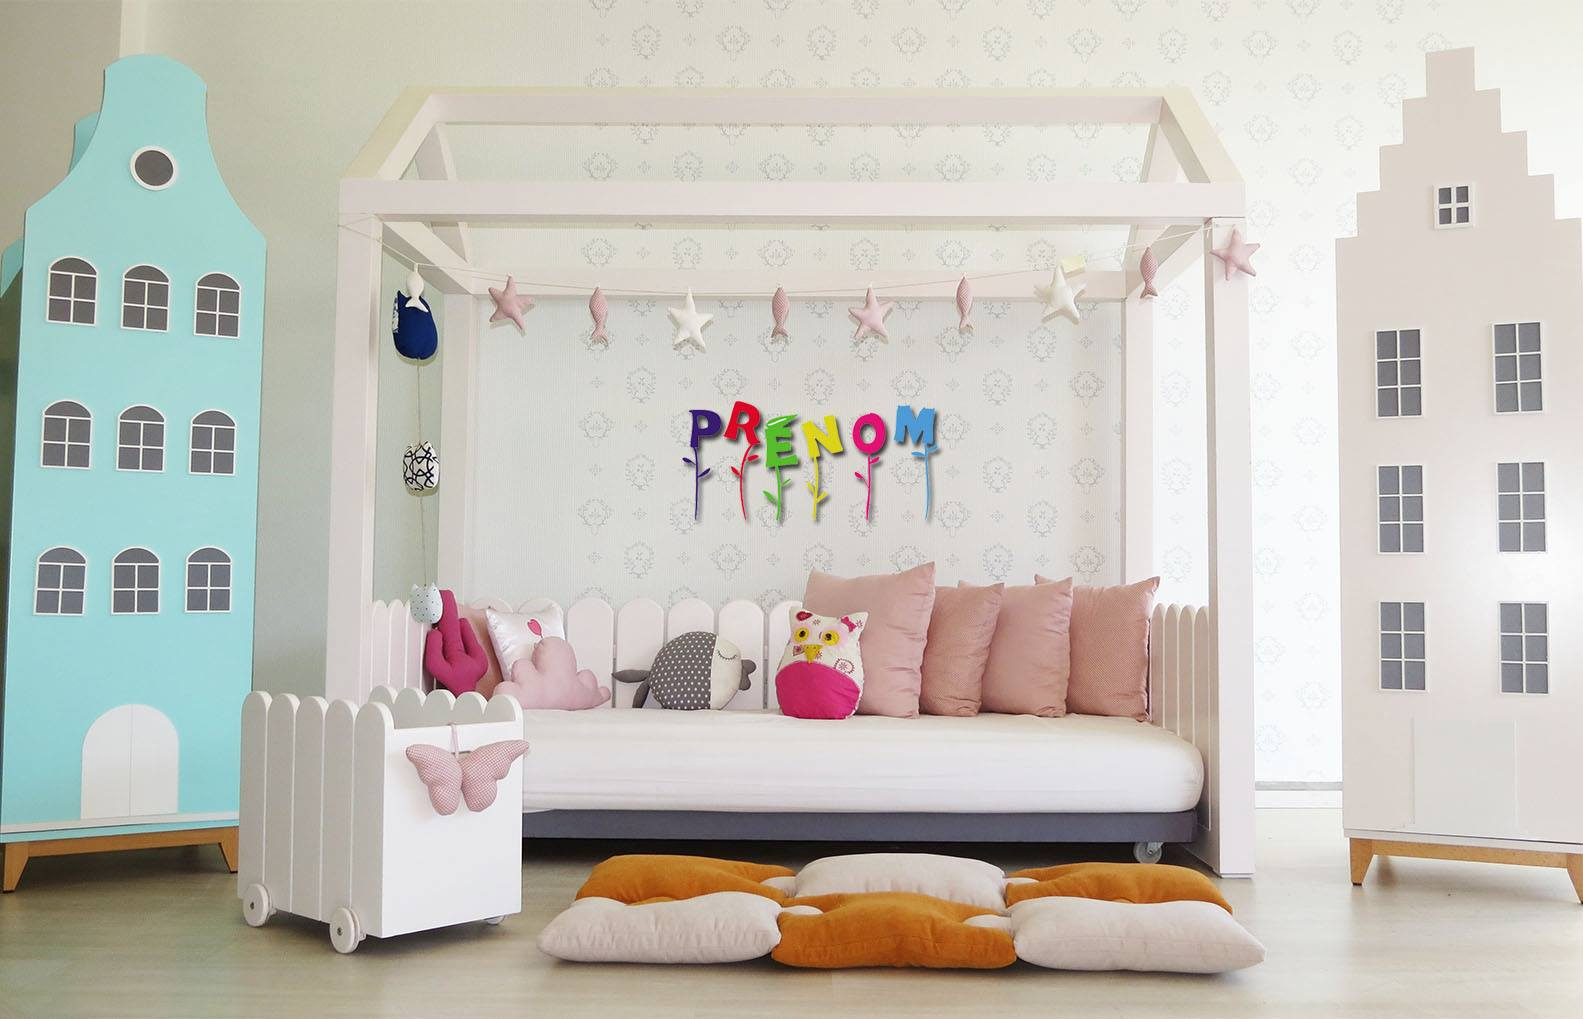 prenom meuble decoration chambre enfant